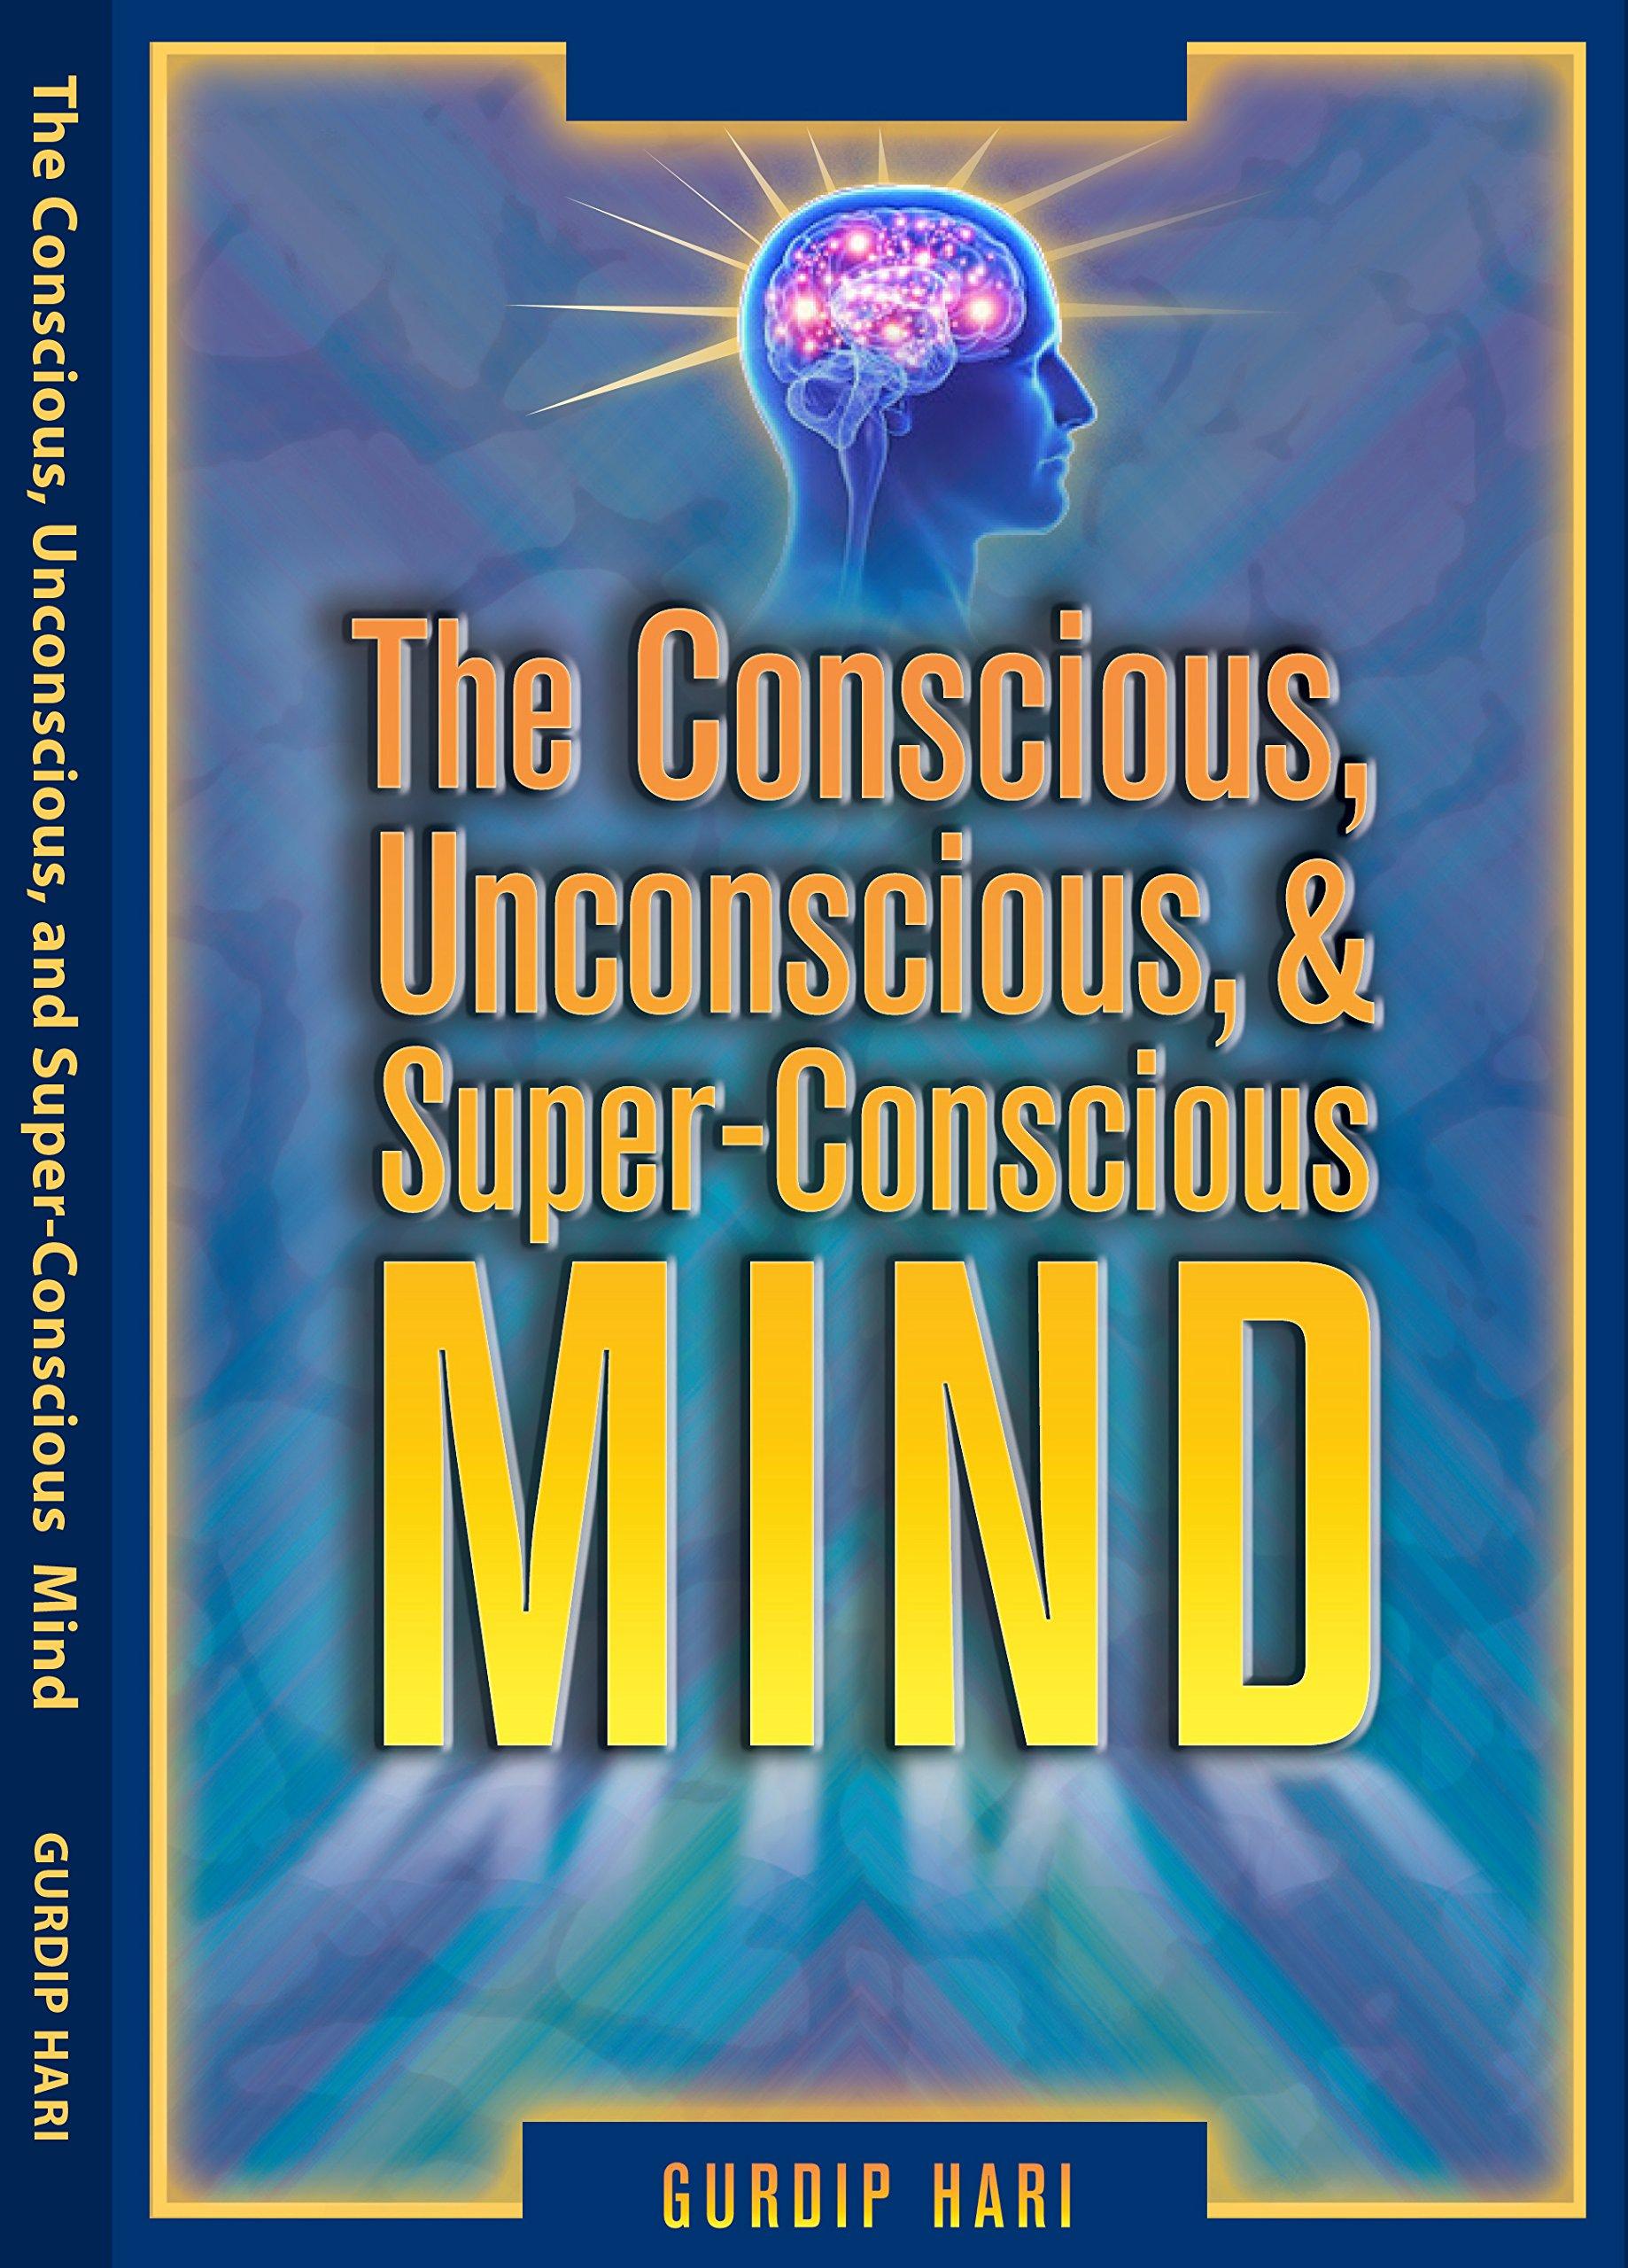 The Conscious Unconscious & Super-Conscious Mind: Gurdip